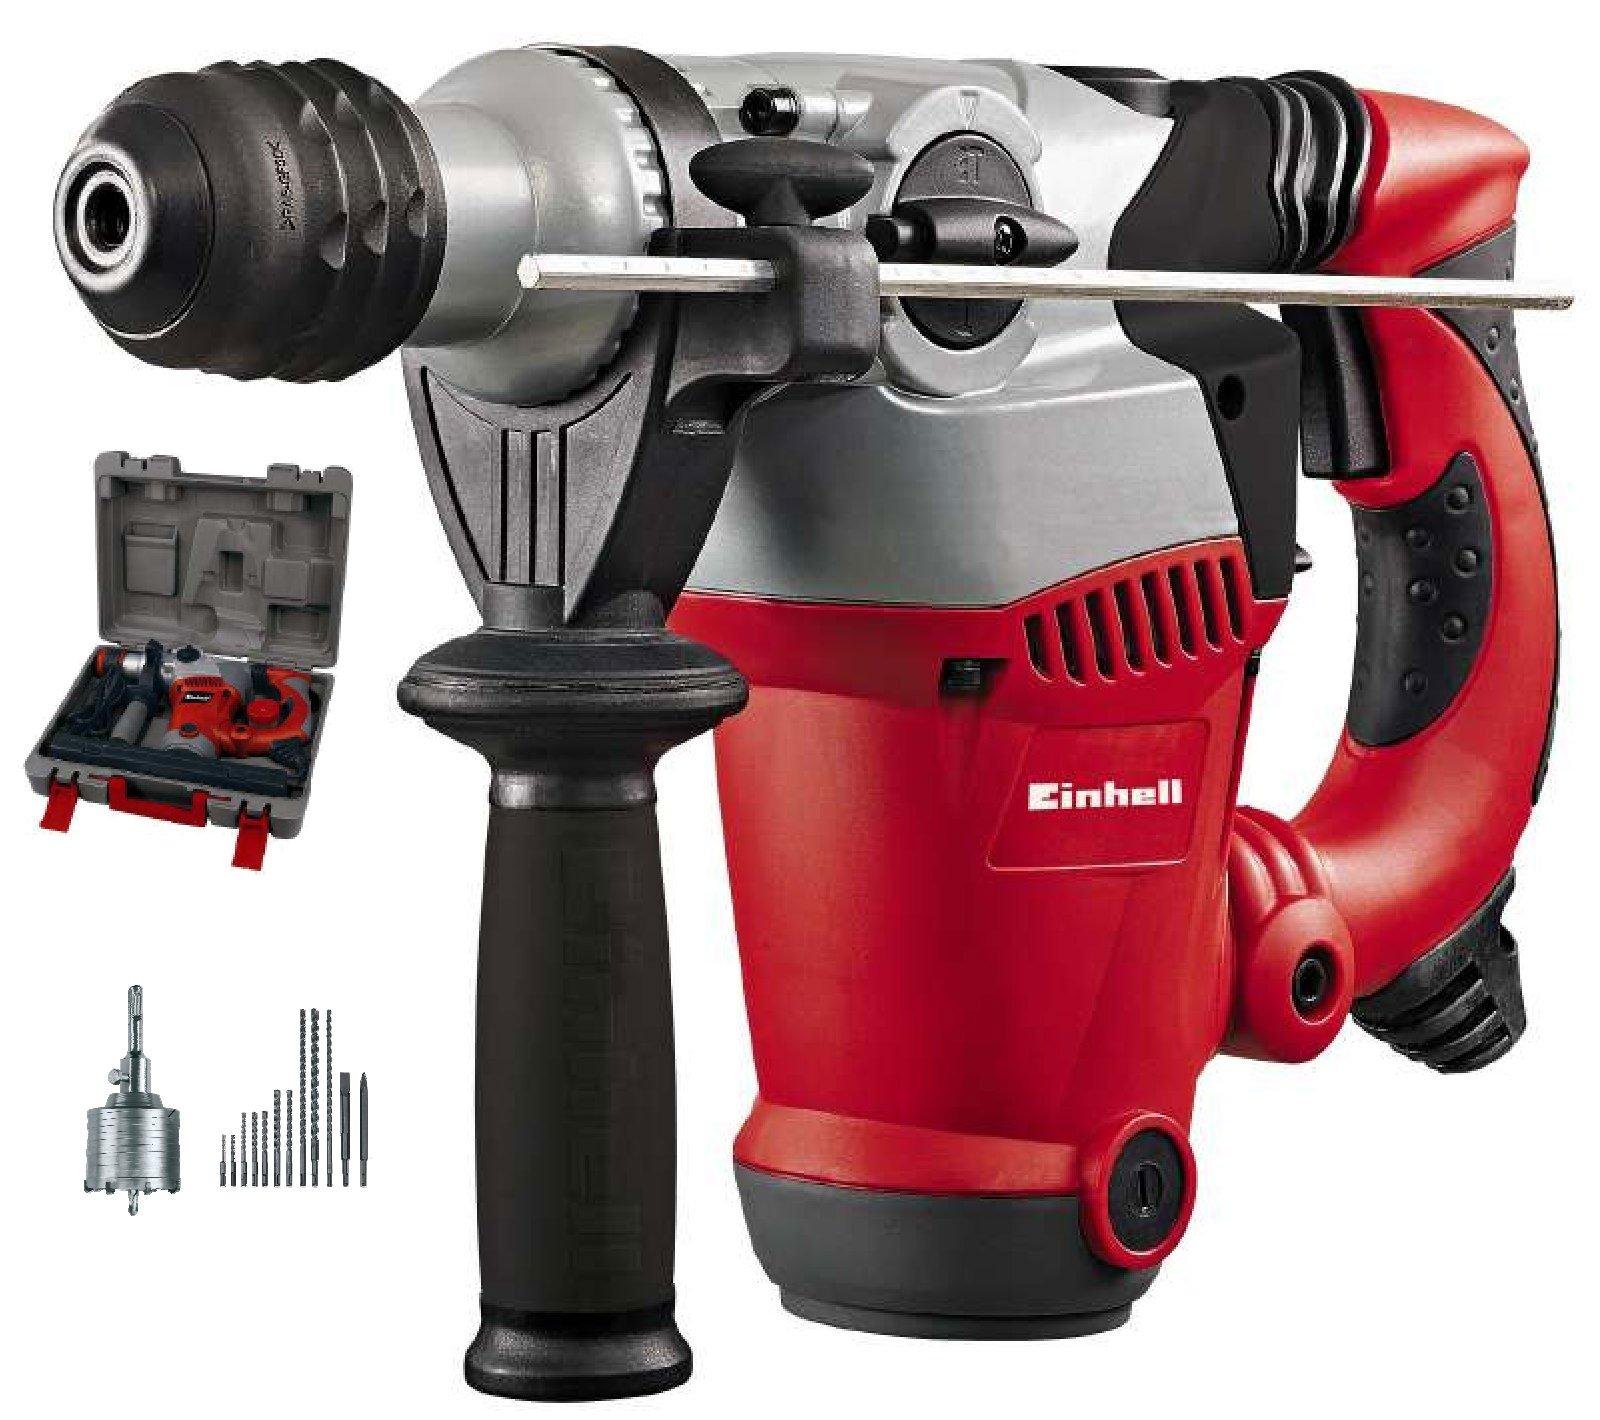 einhell bohrhammer kit rt-rh 32 1250 watt bohrhammerset meißel